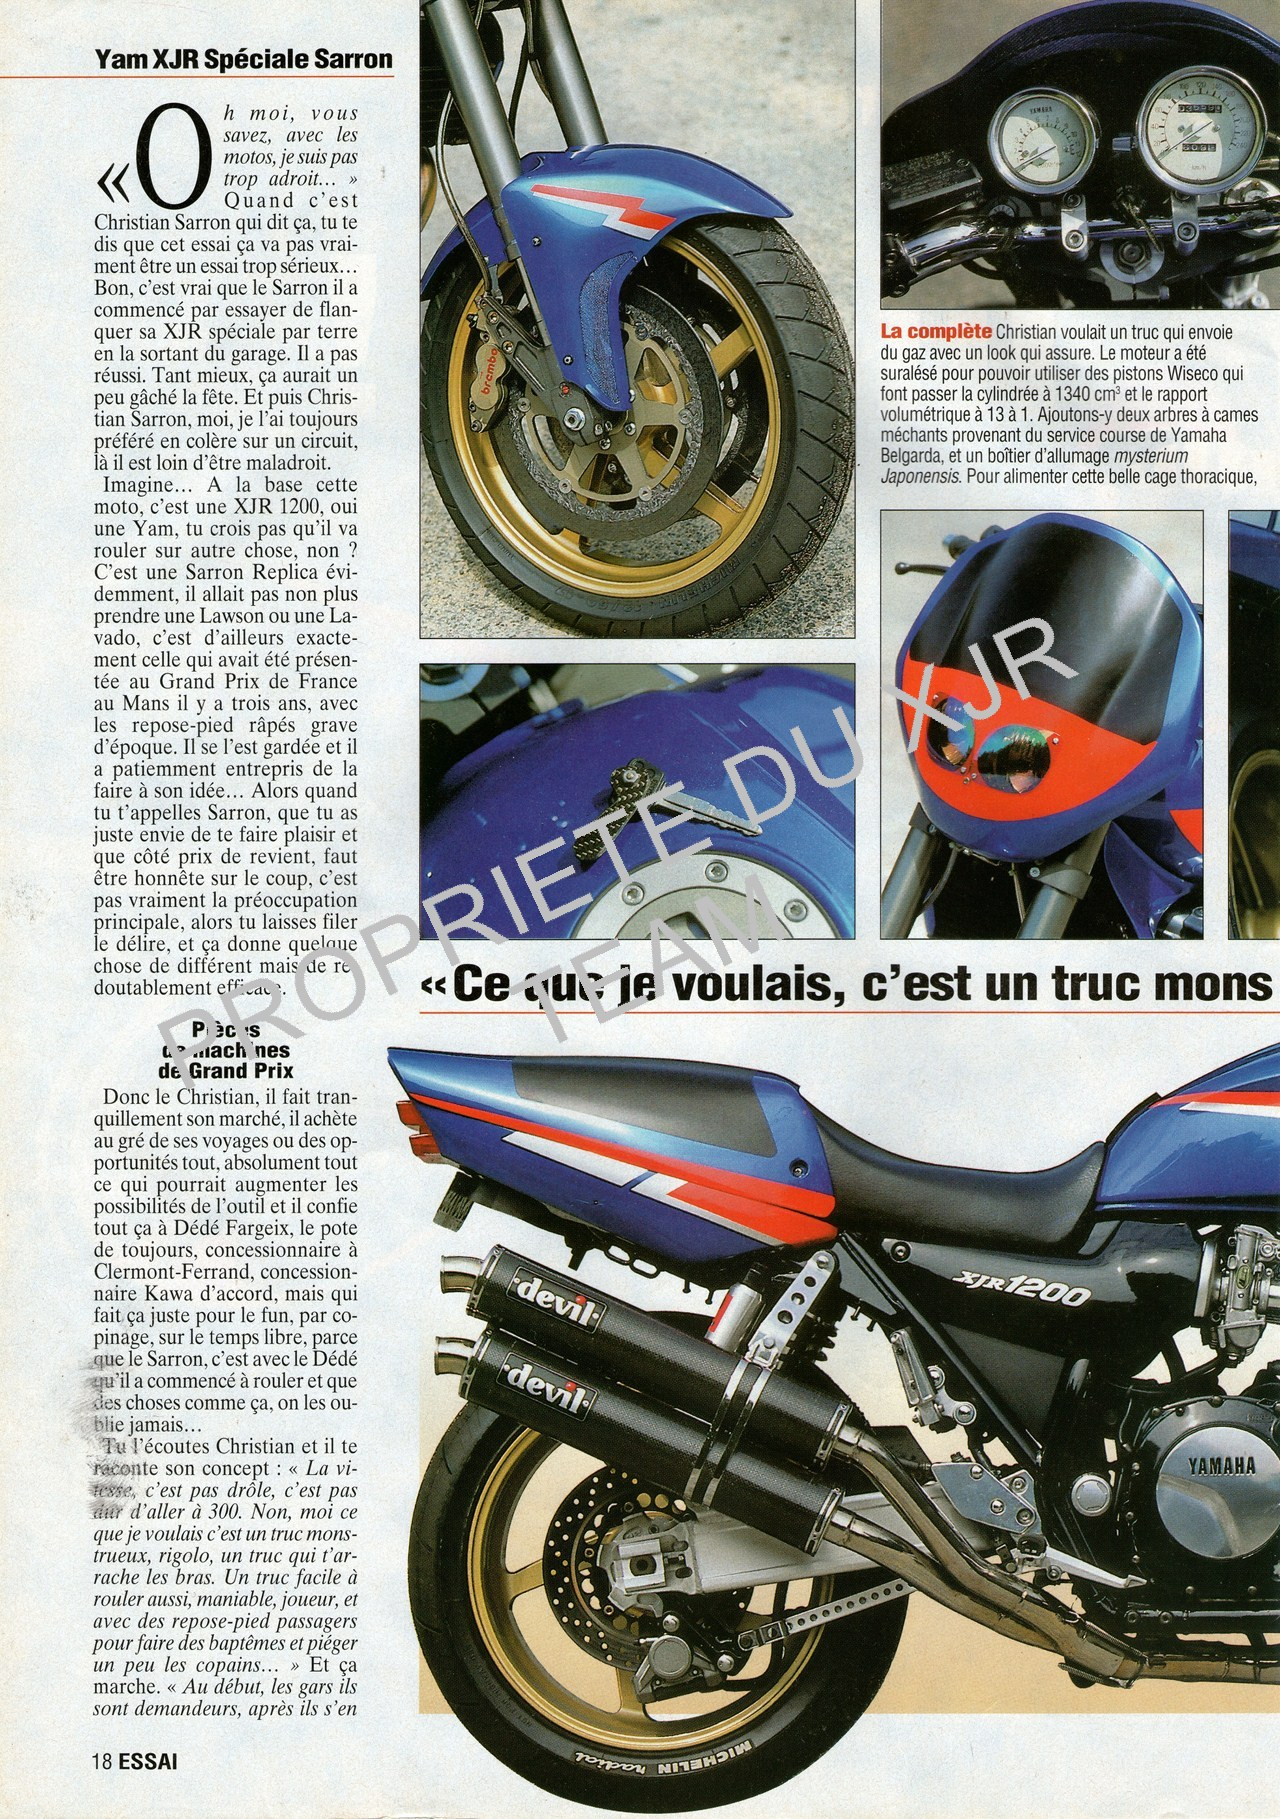 Xjr cup Sebileau Tribute - Page 3 MJ1333-3